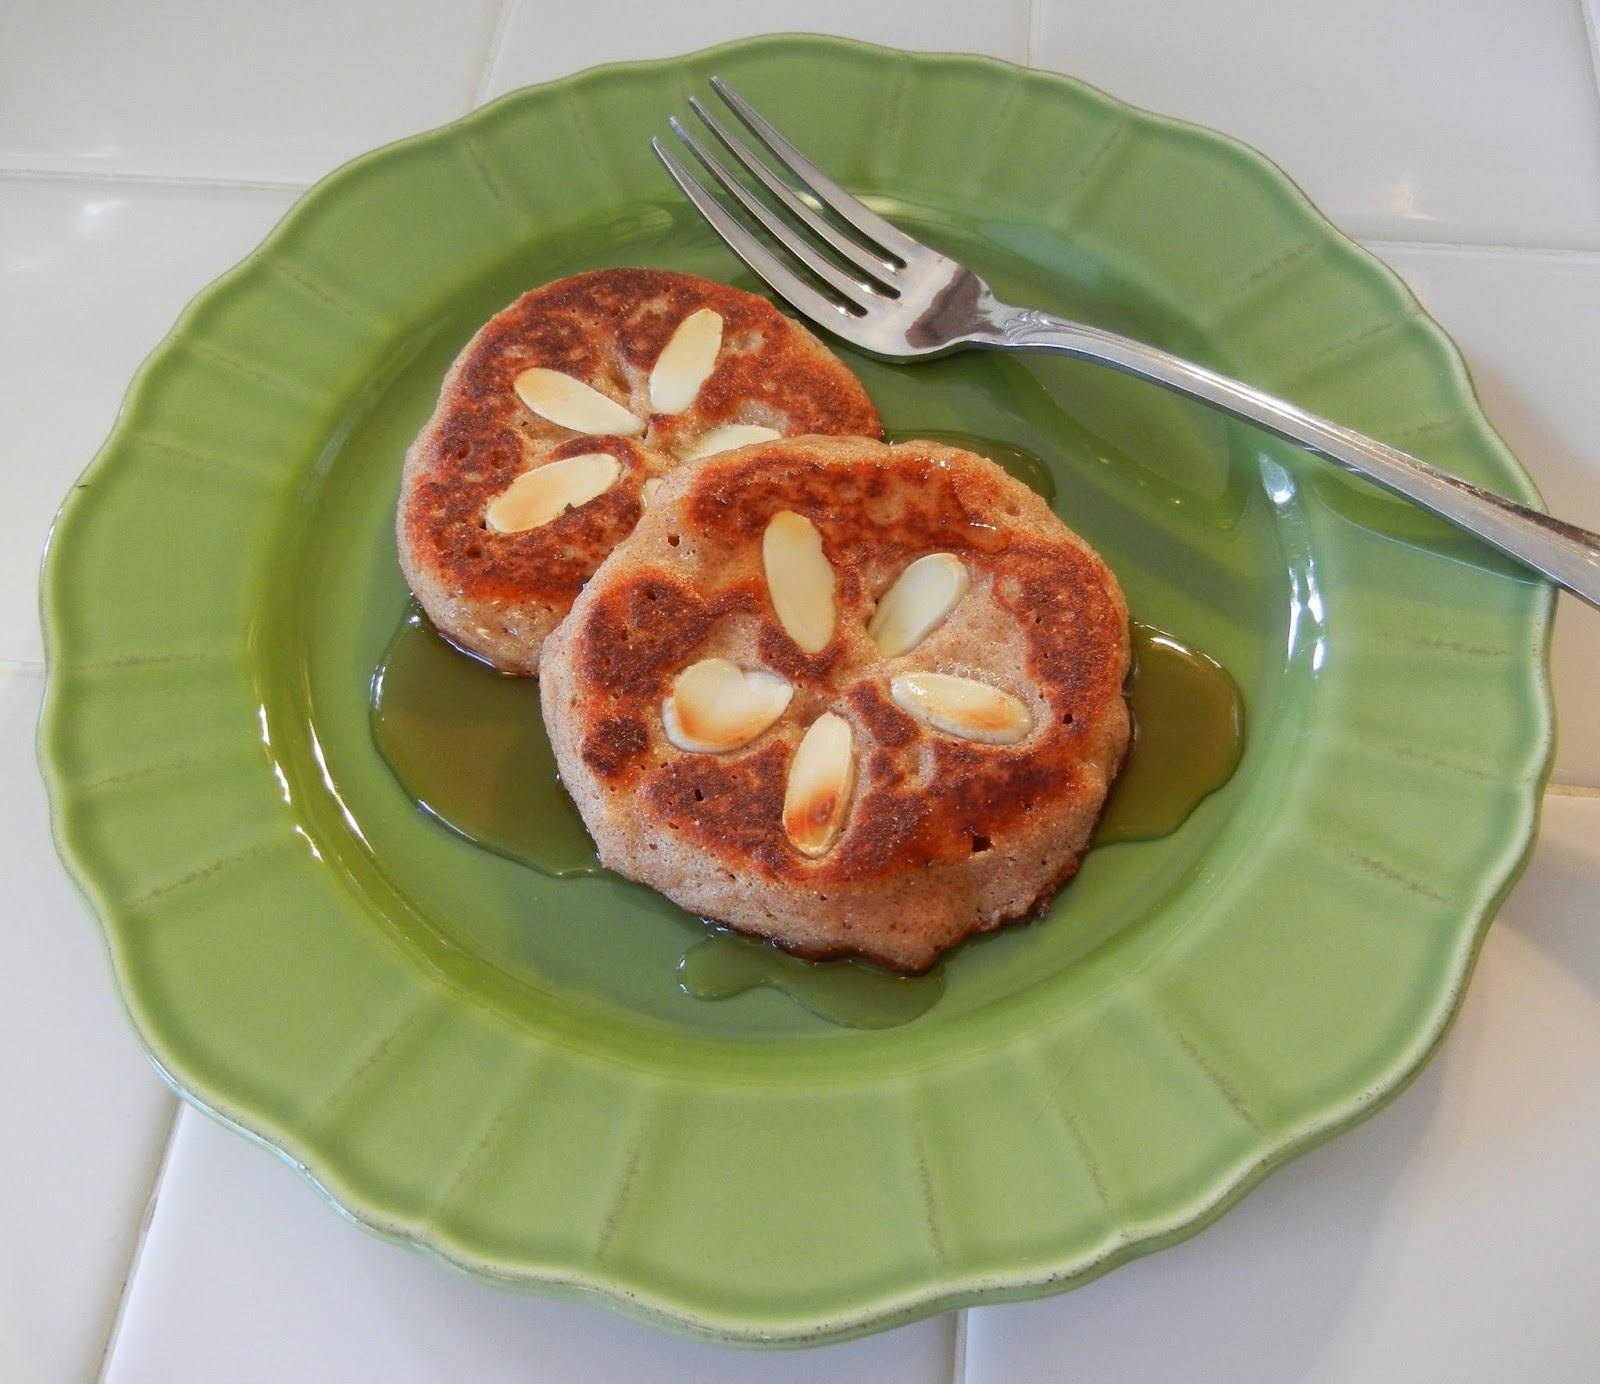 Hd diet pills reviews image 2